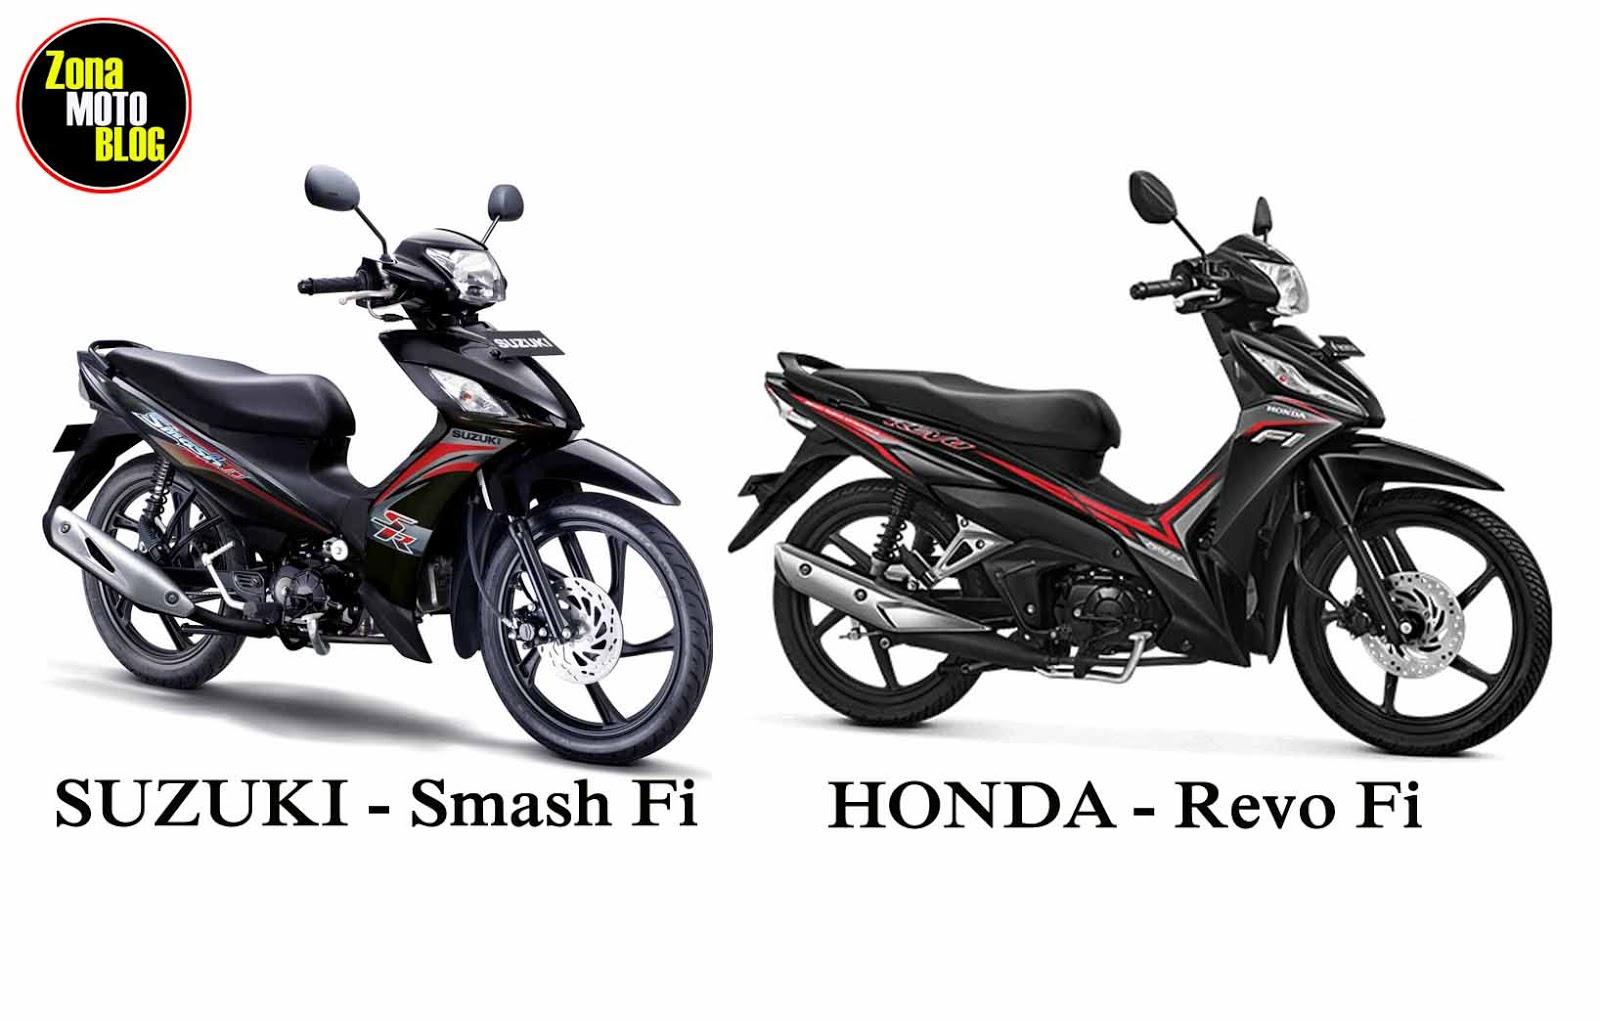 Adu Komparasi Suzuki Smash Fi Dengan Honda Revo Fi